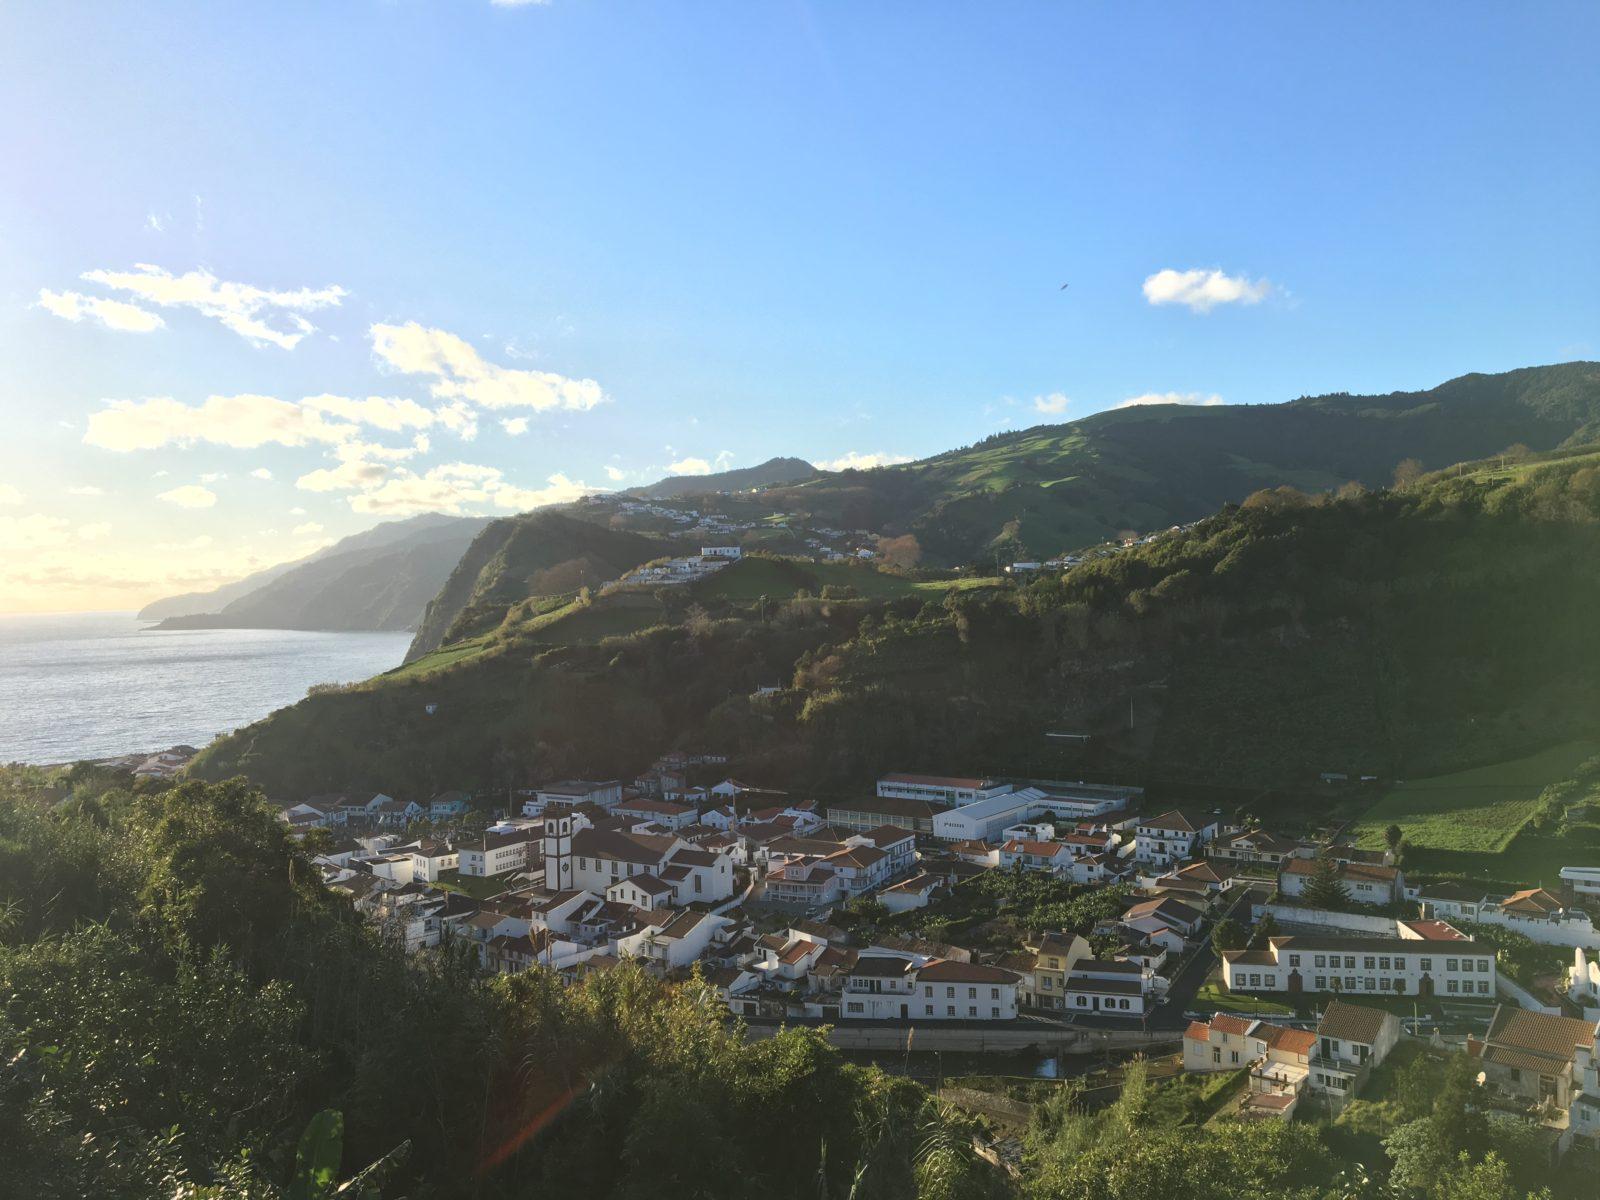 Vila da Povoação